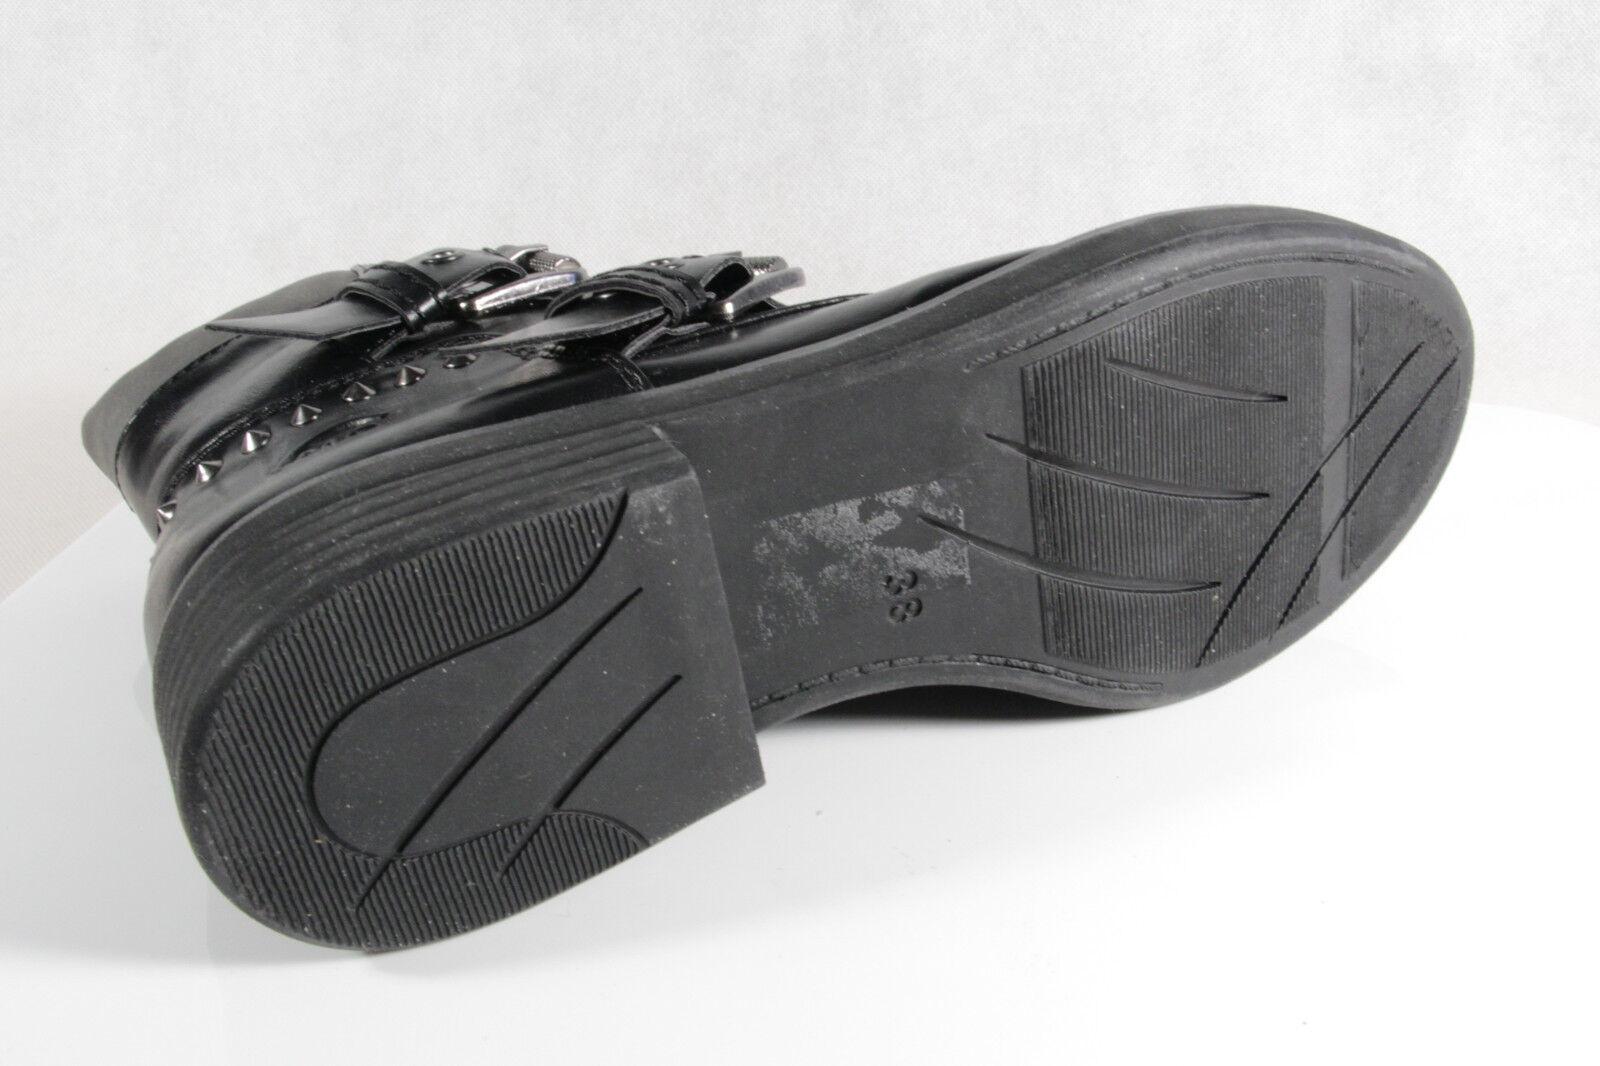 Marco Tozzi Stiefelette Stiefel, Stiefel  schwarz, 25800  NEU